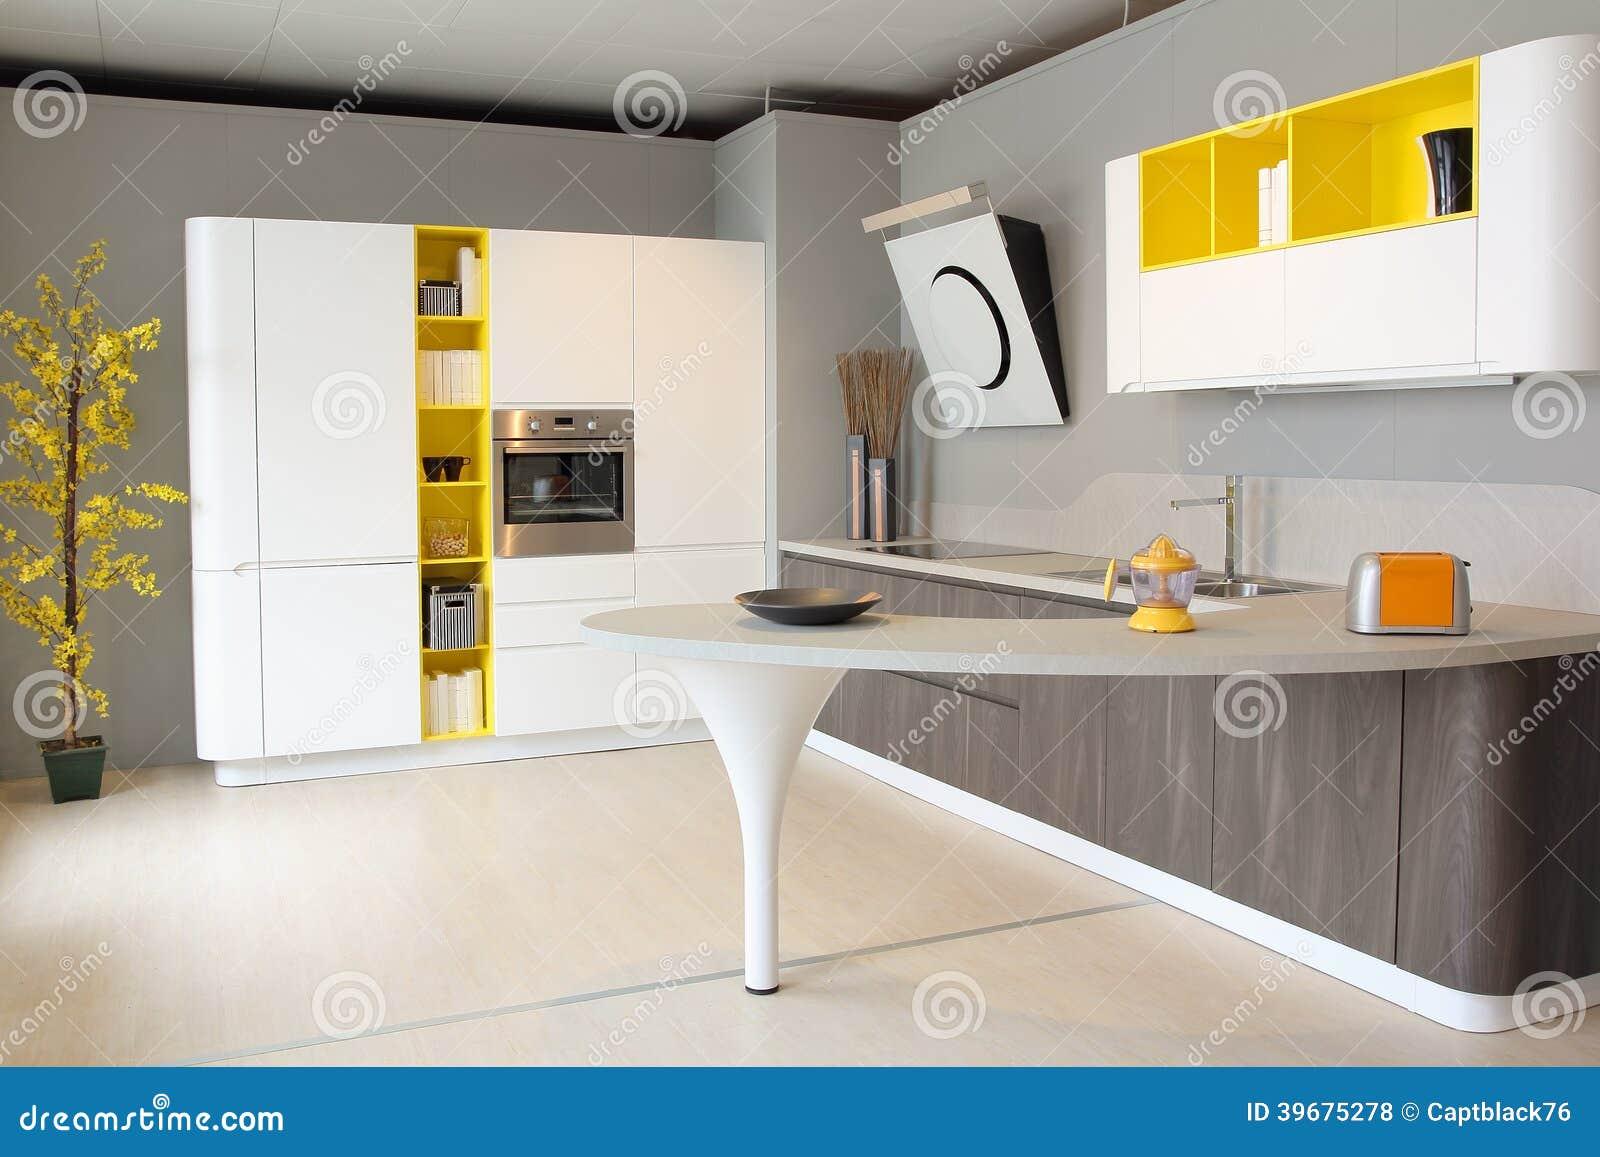 Cuisine moderne blanche et jaune color photo stock image 39675278 - Chambre jaune et blanche ...